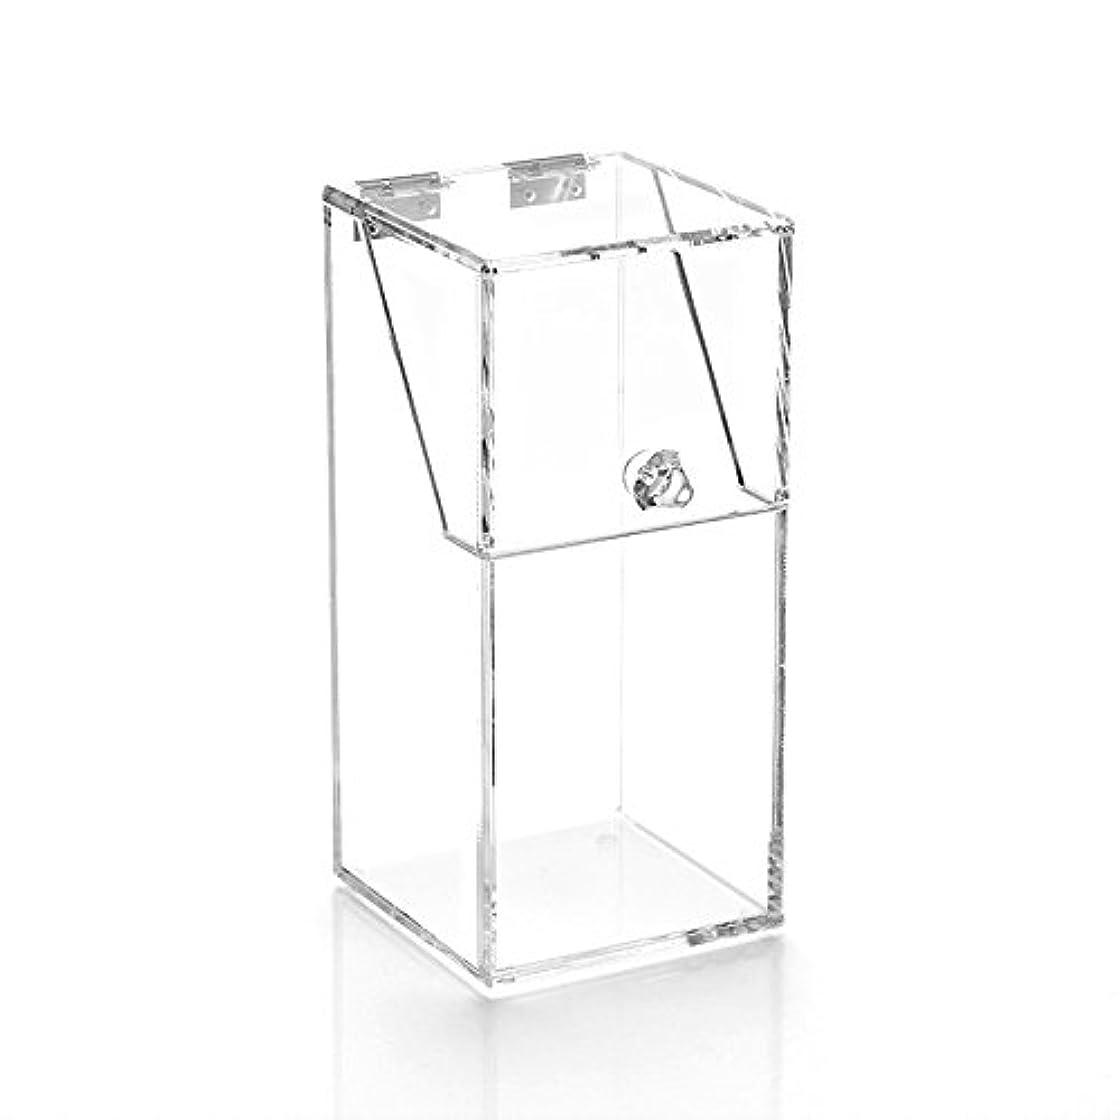 持っているソーダ水割り当てるYouth Union ブラシ収納ボックス、大容量のストレージボックス透明なアクリル (10*10*21.5CM)